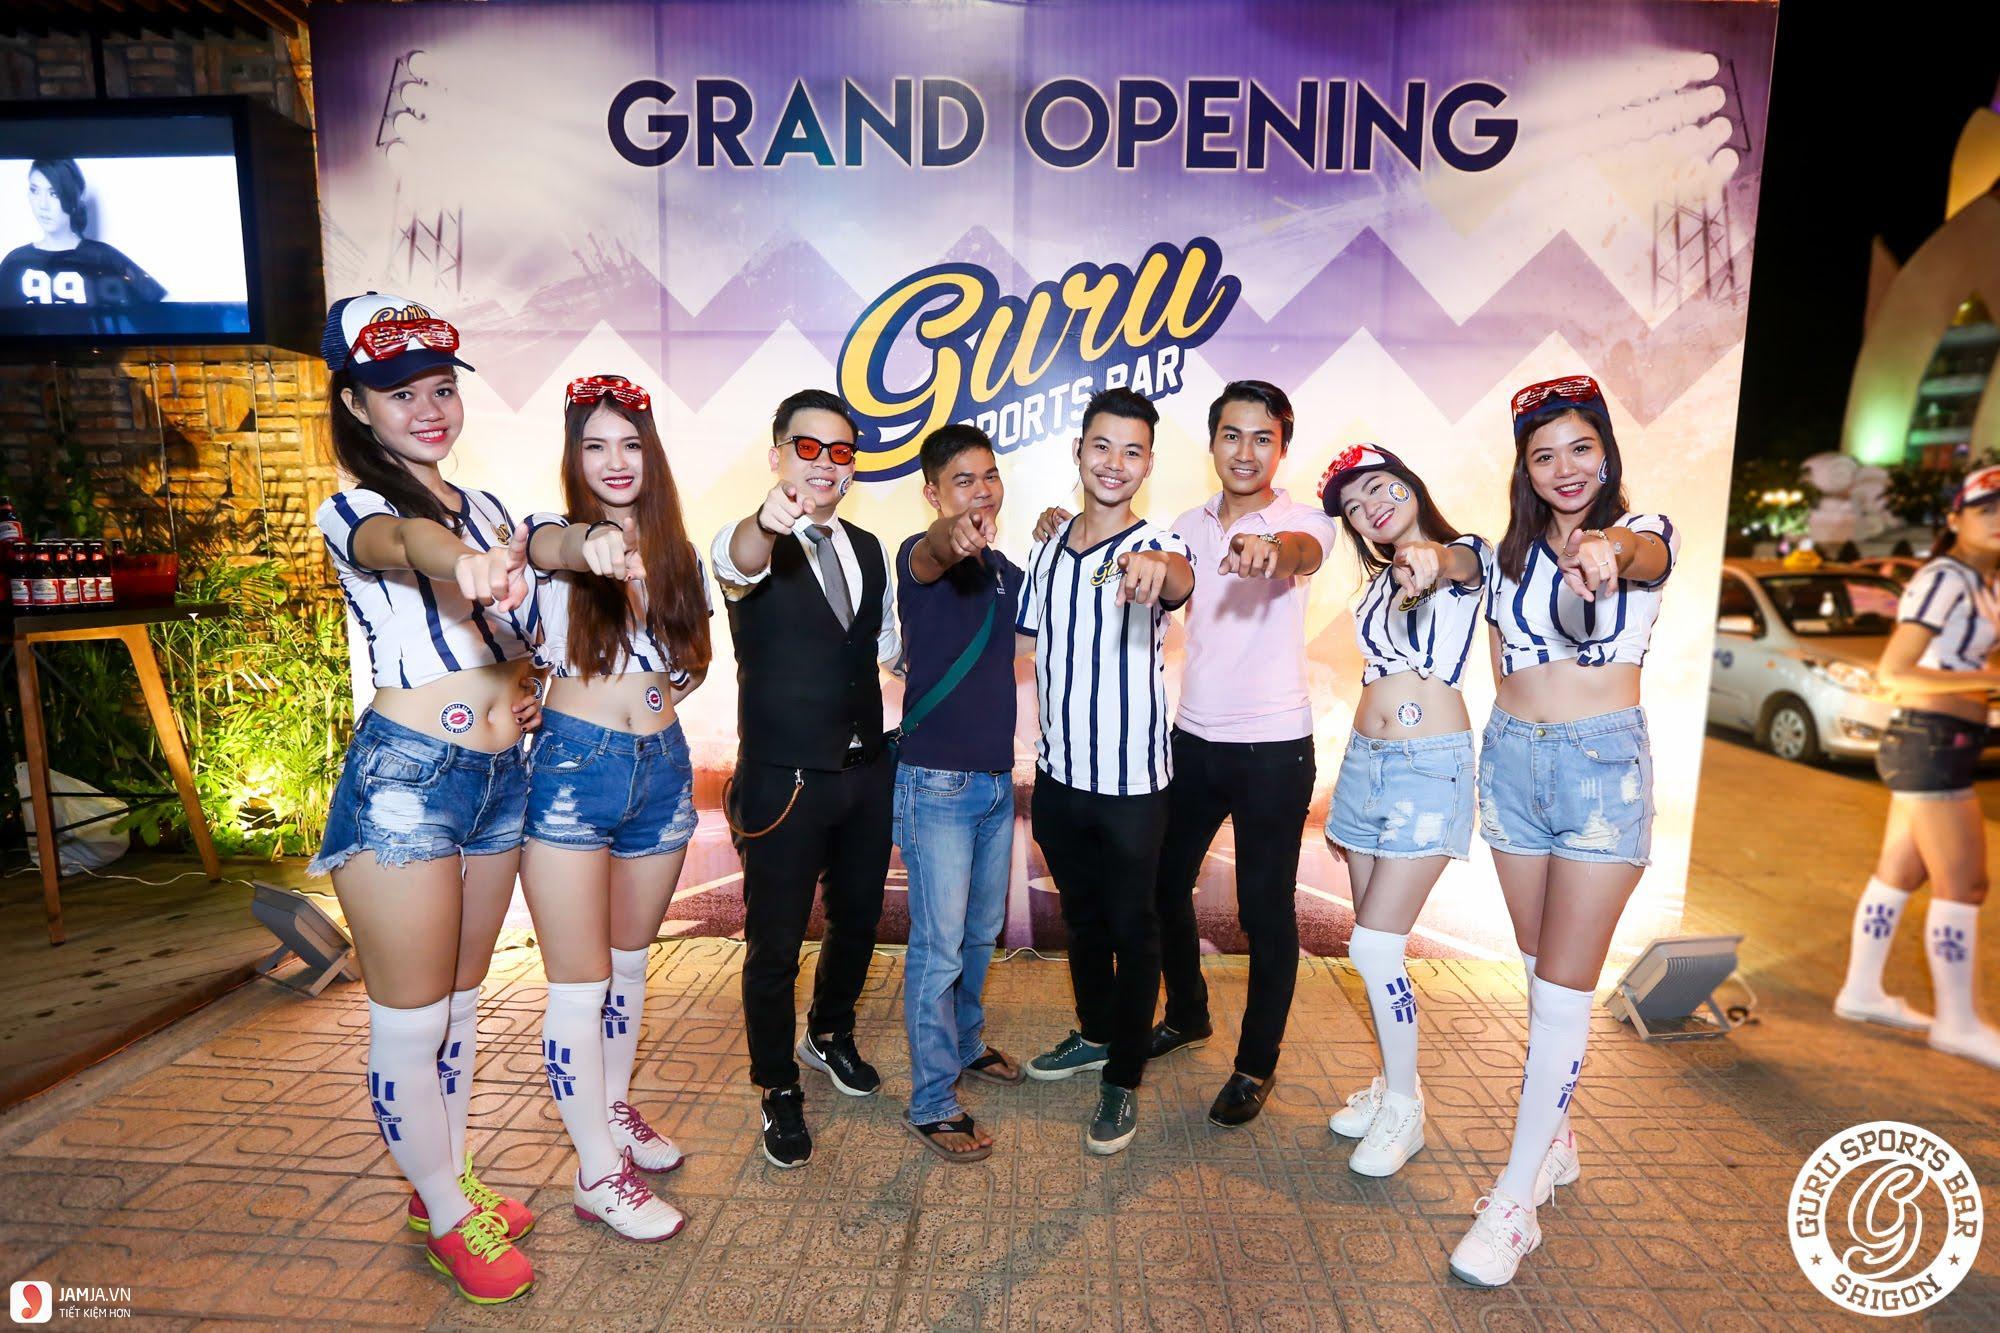 Guru Sport Bar 1